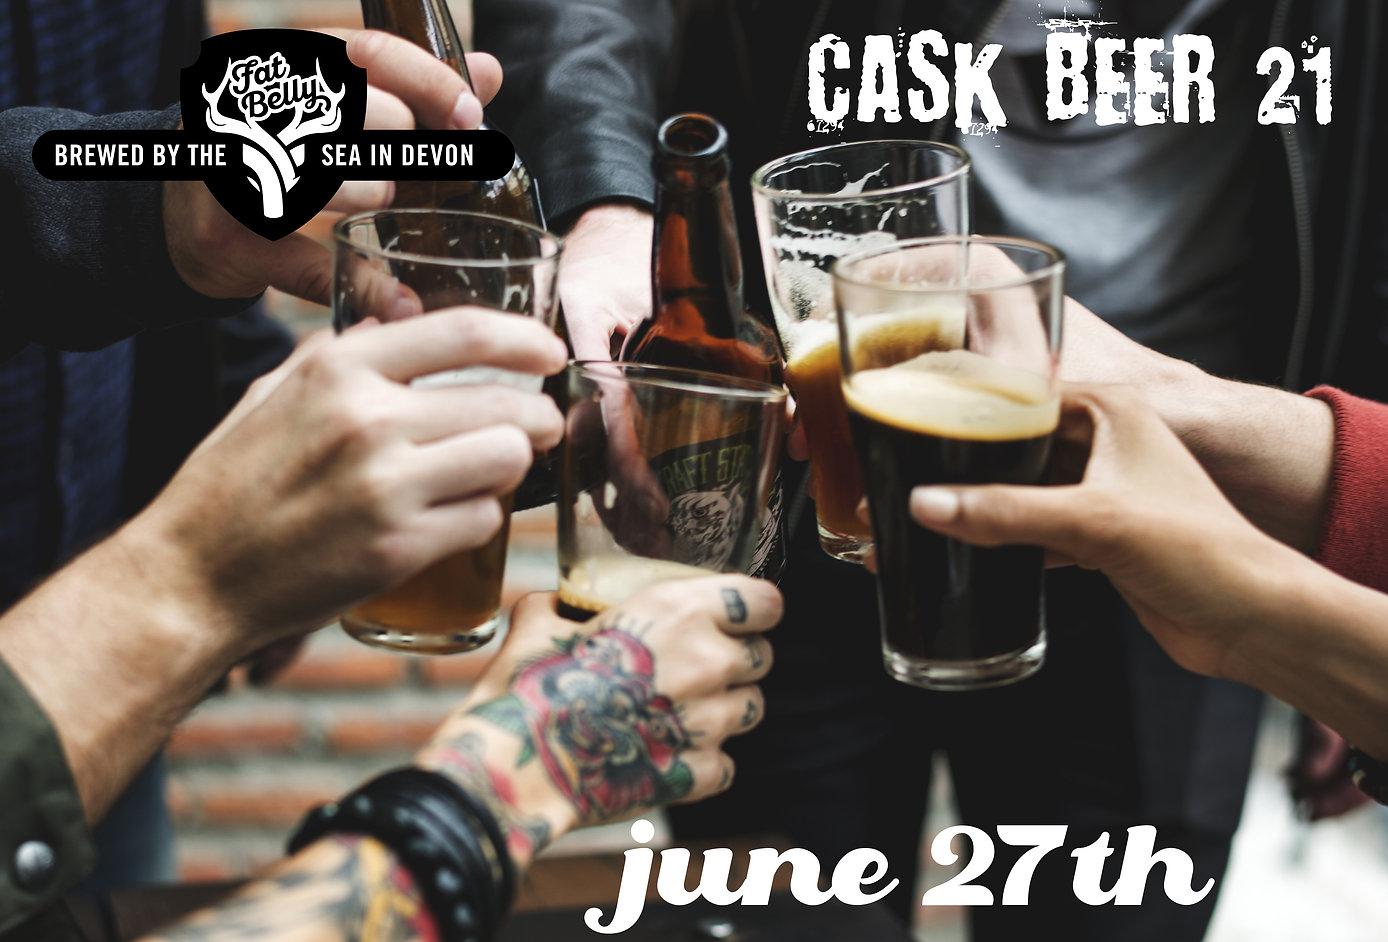 cask beer 21 poster.jpg